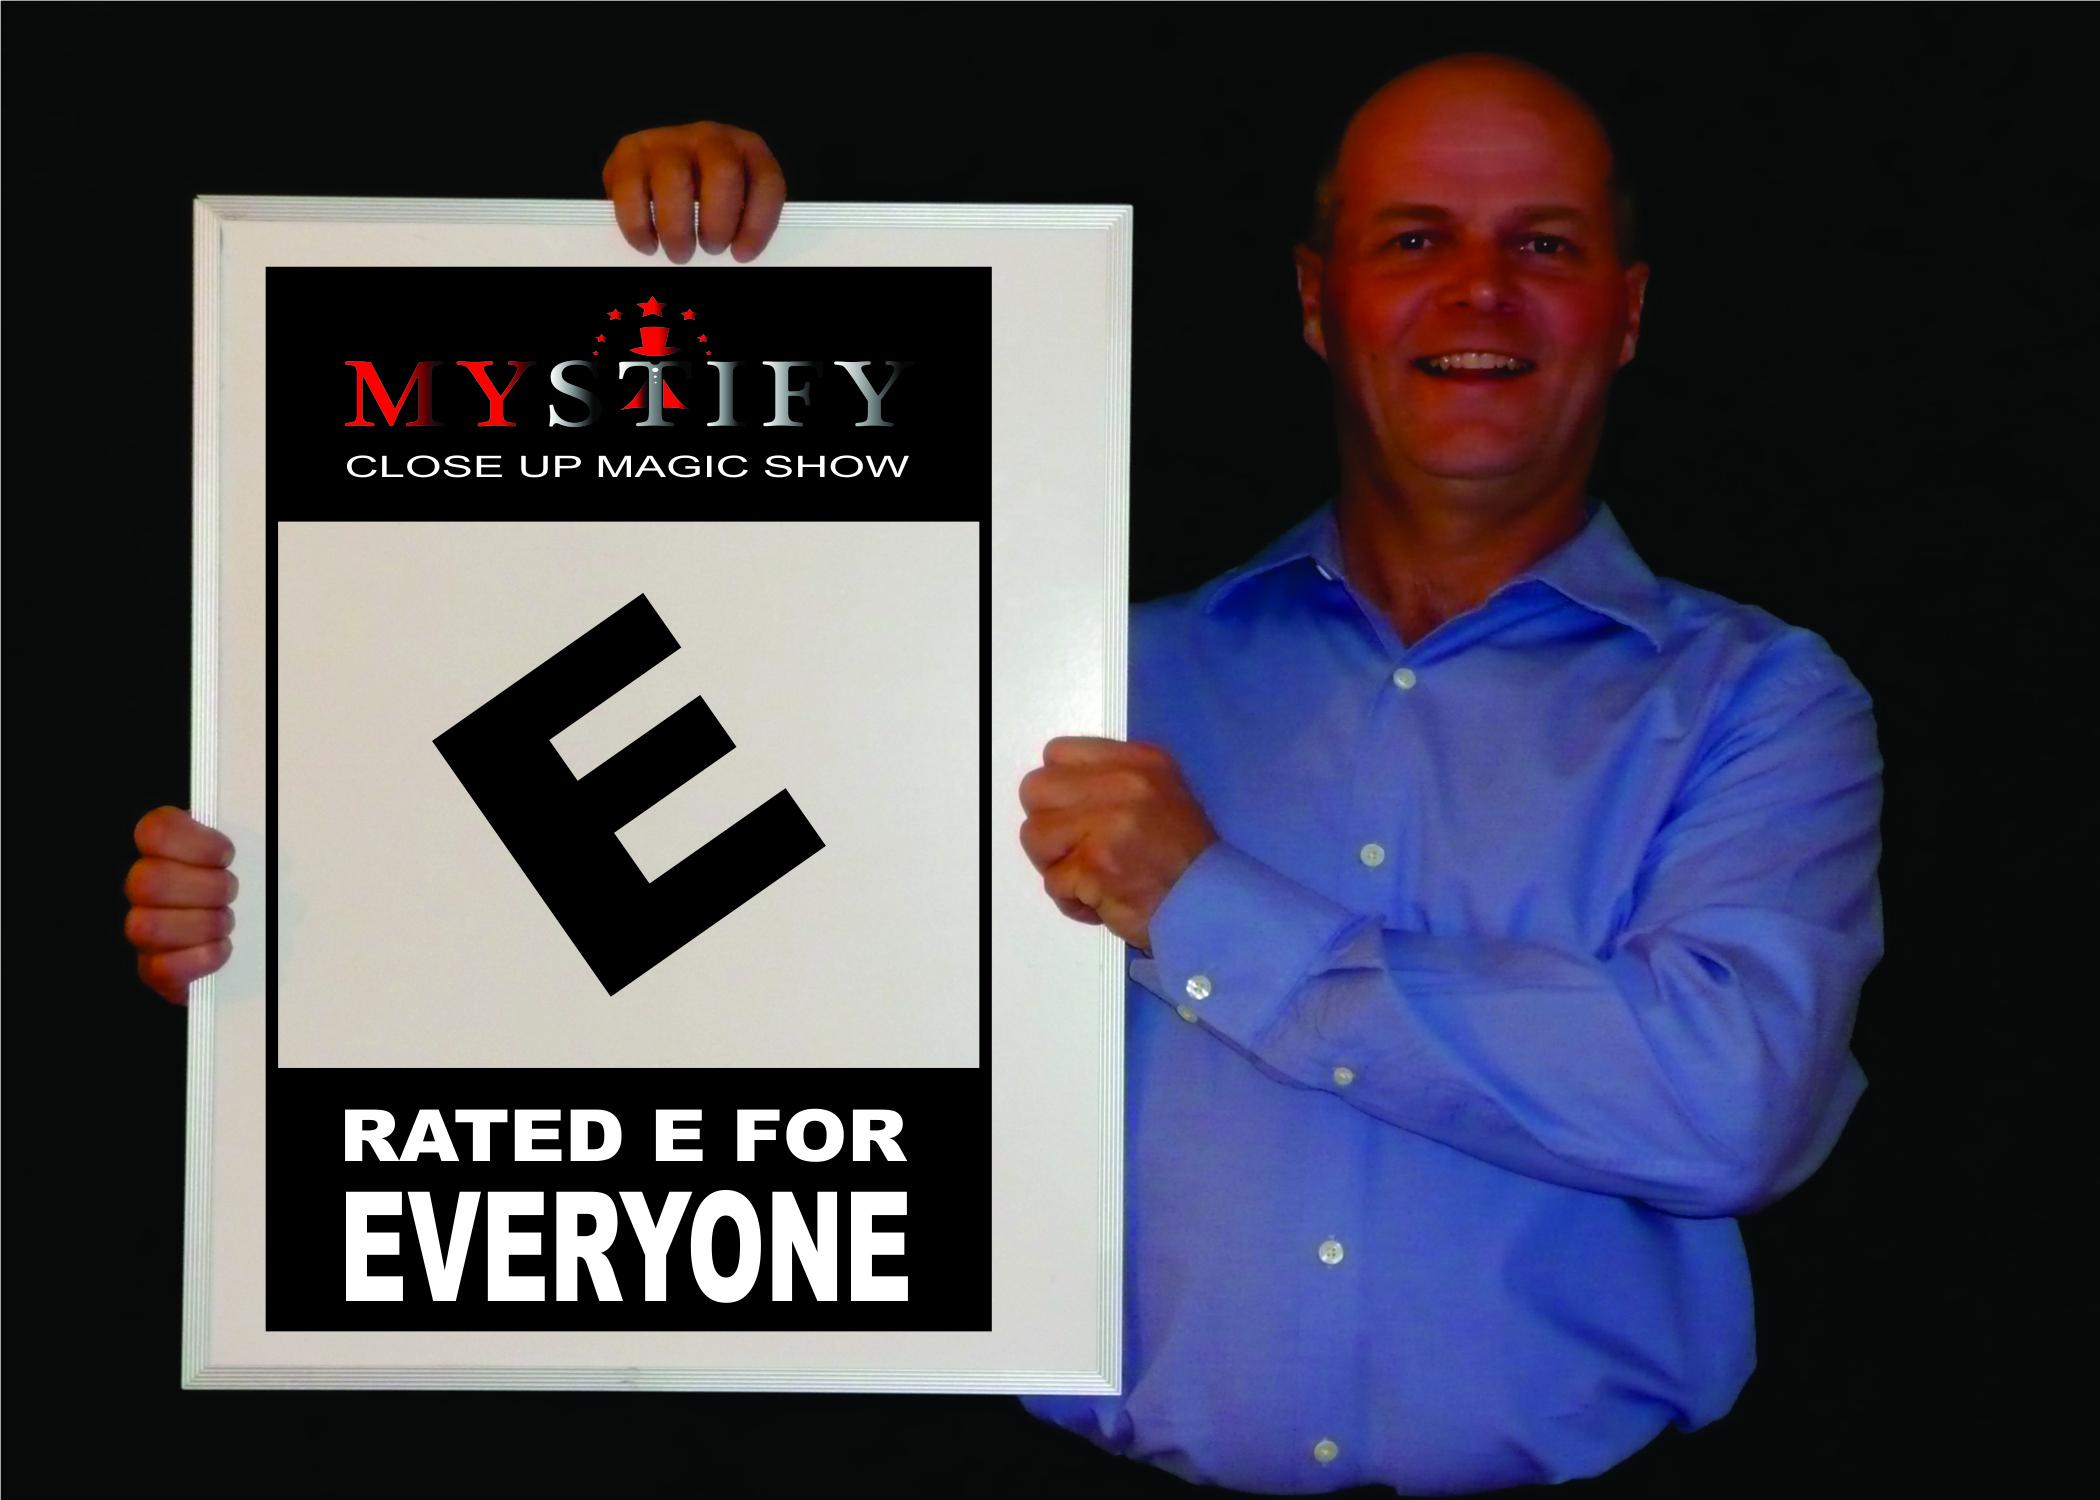 Ken McCreedy Mystify Magic Show Niagara Falls.jpg